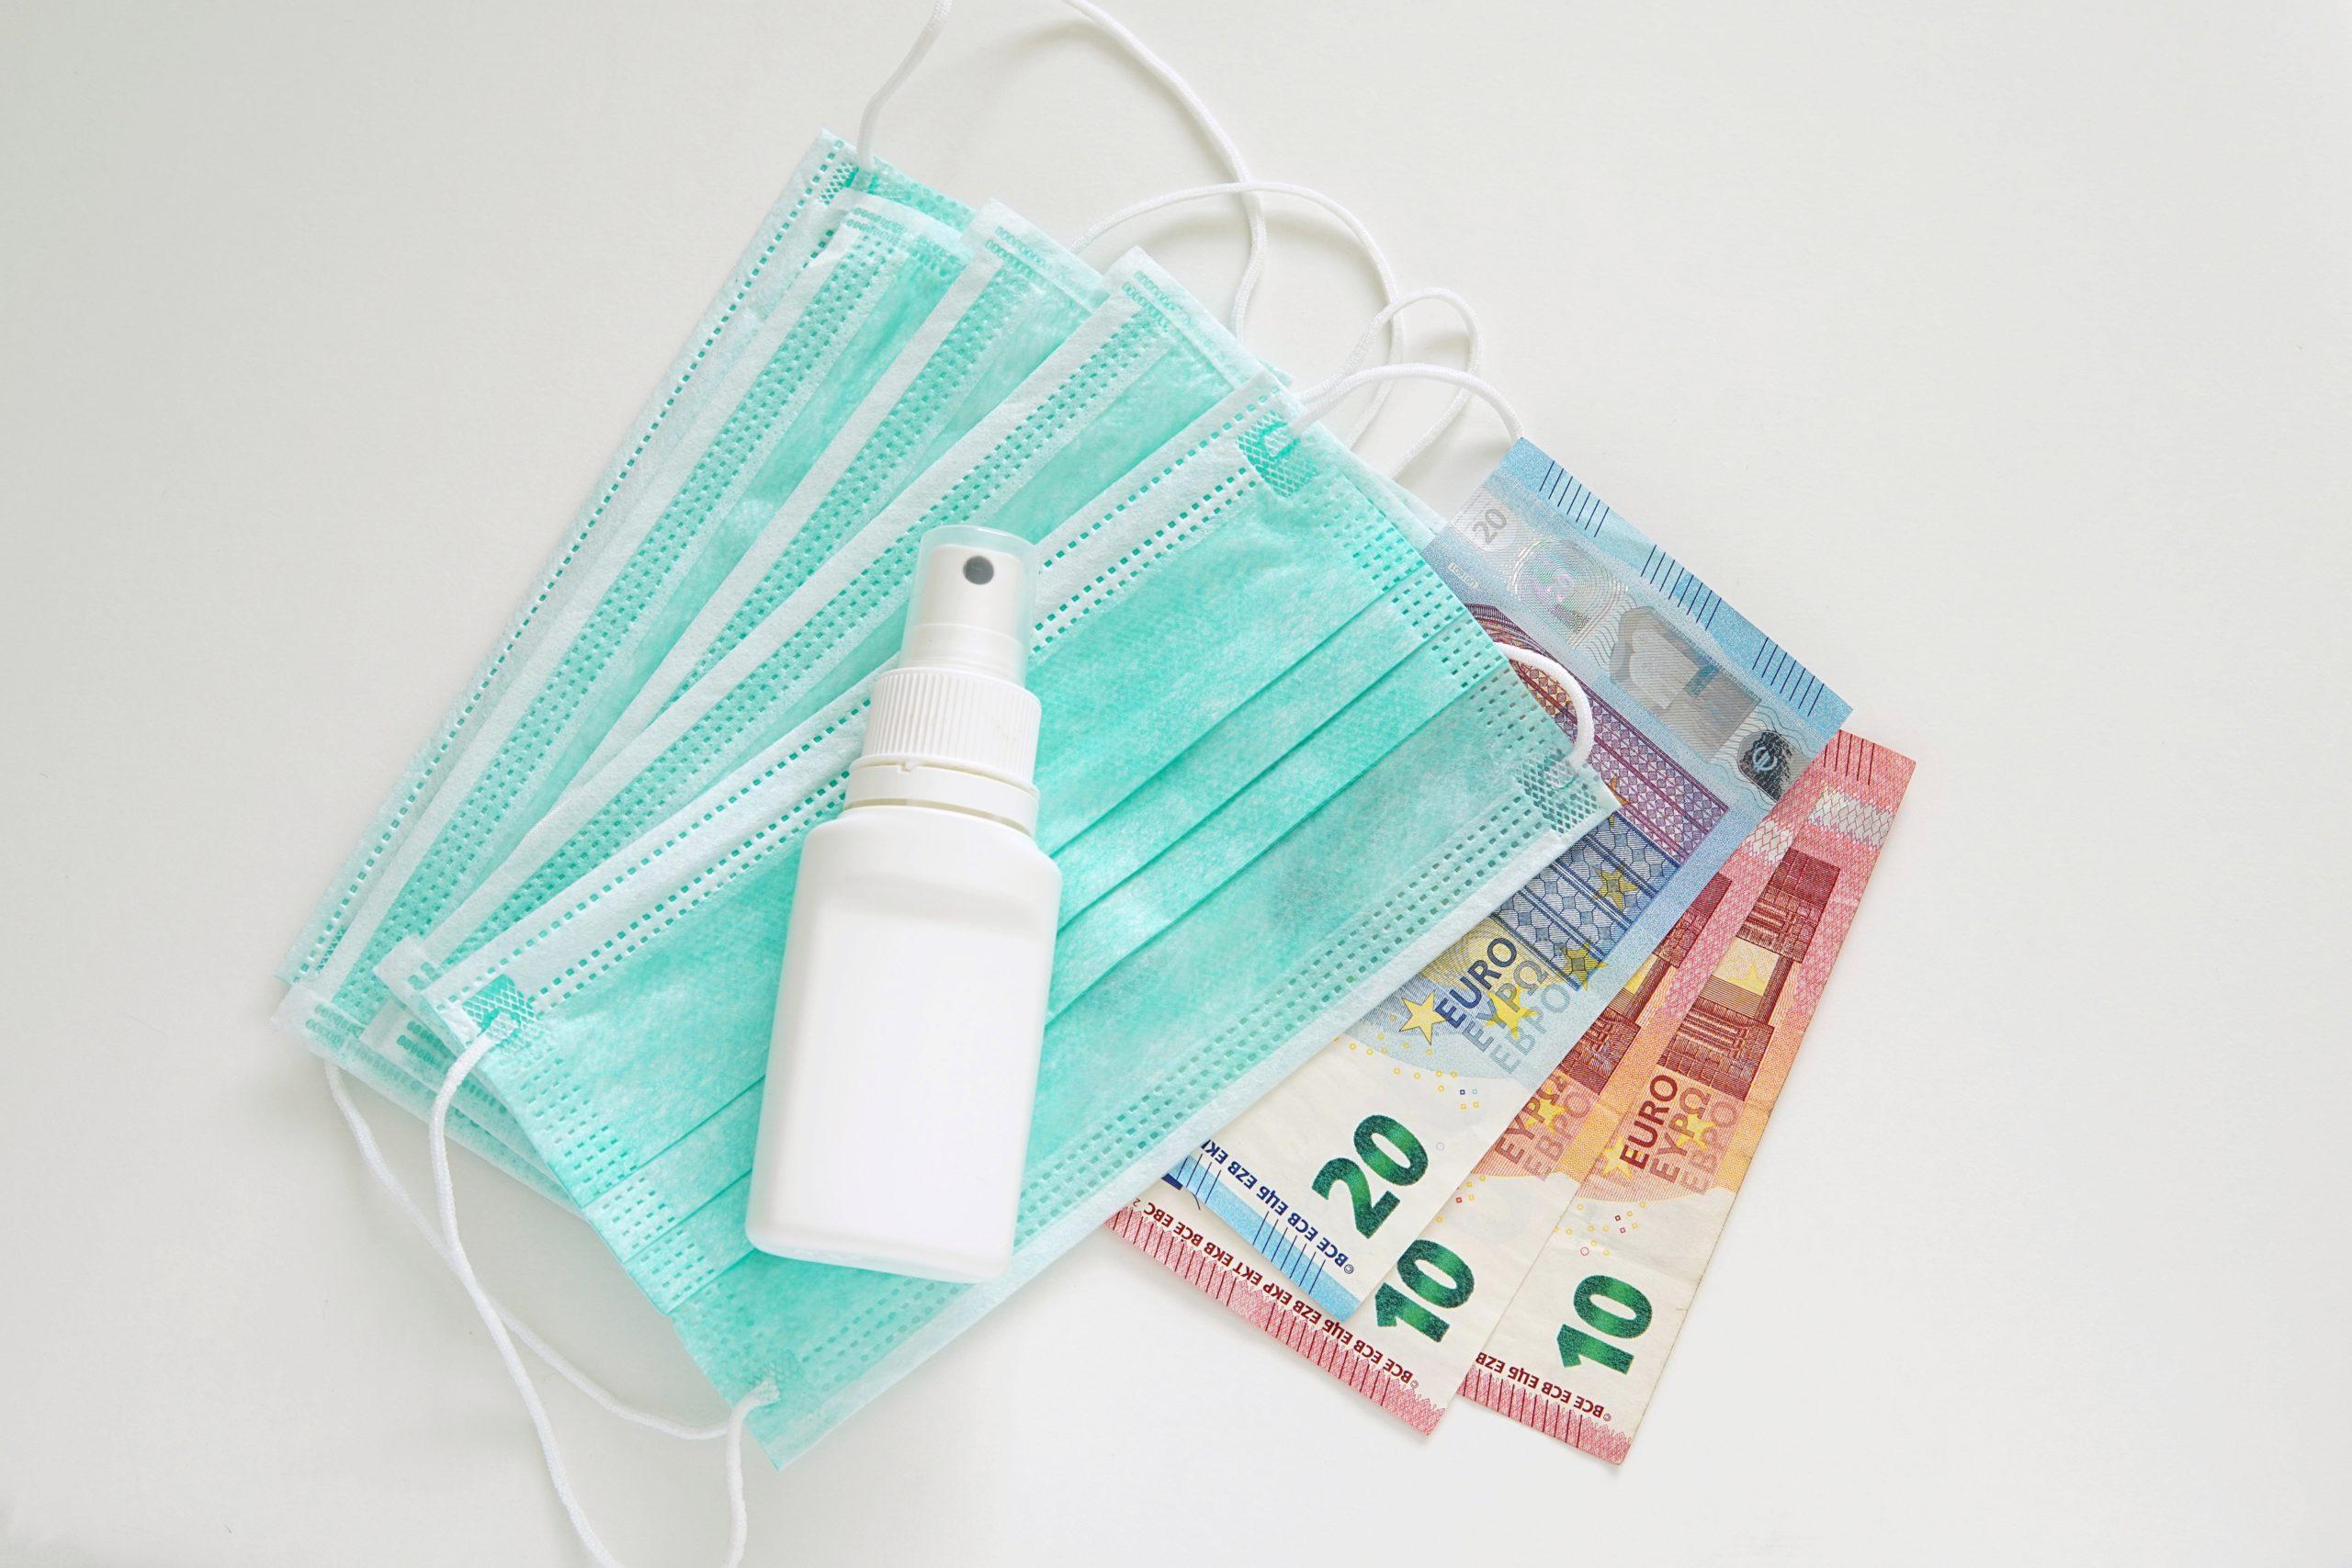 Medizinischer Mundschutz und Desinfektionsspray mit 50 Euro auf weißem Tisch